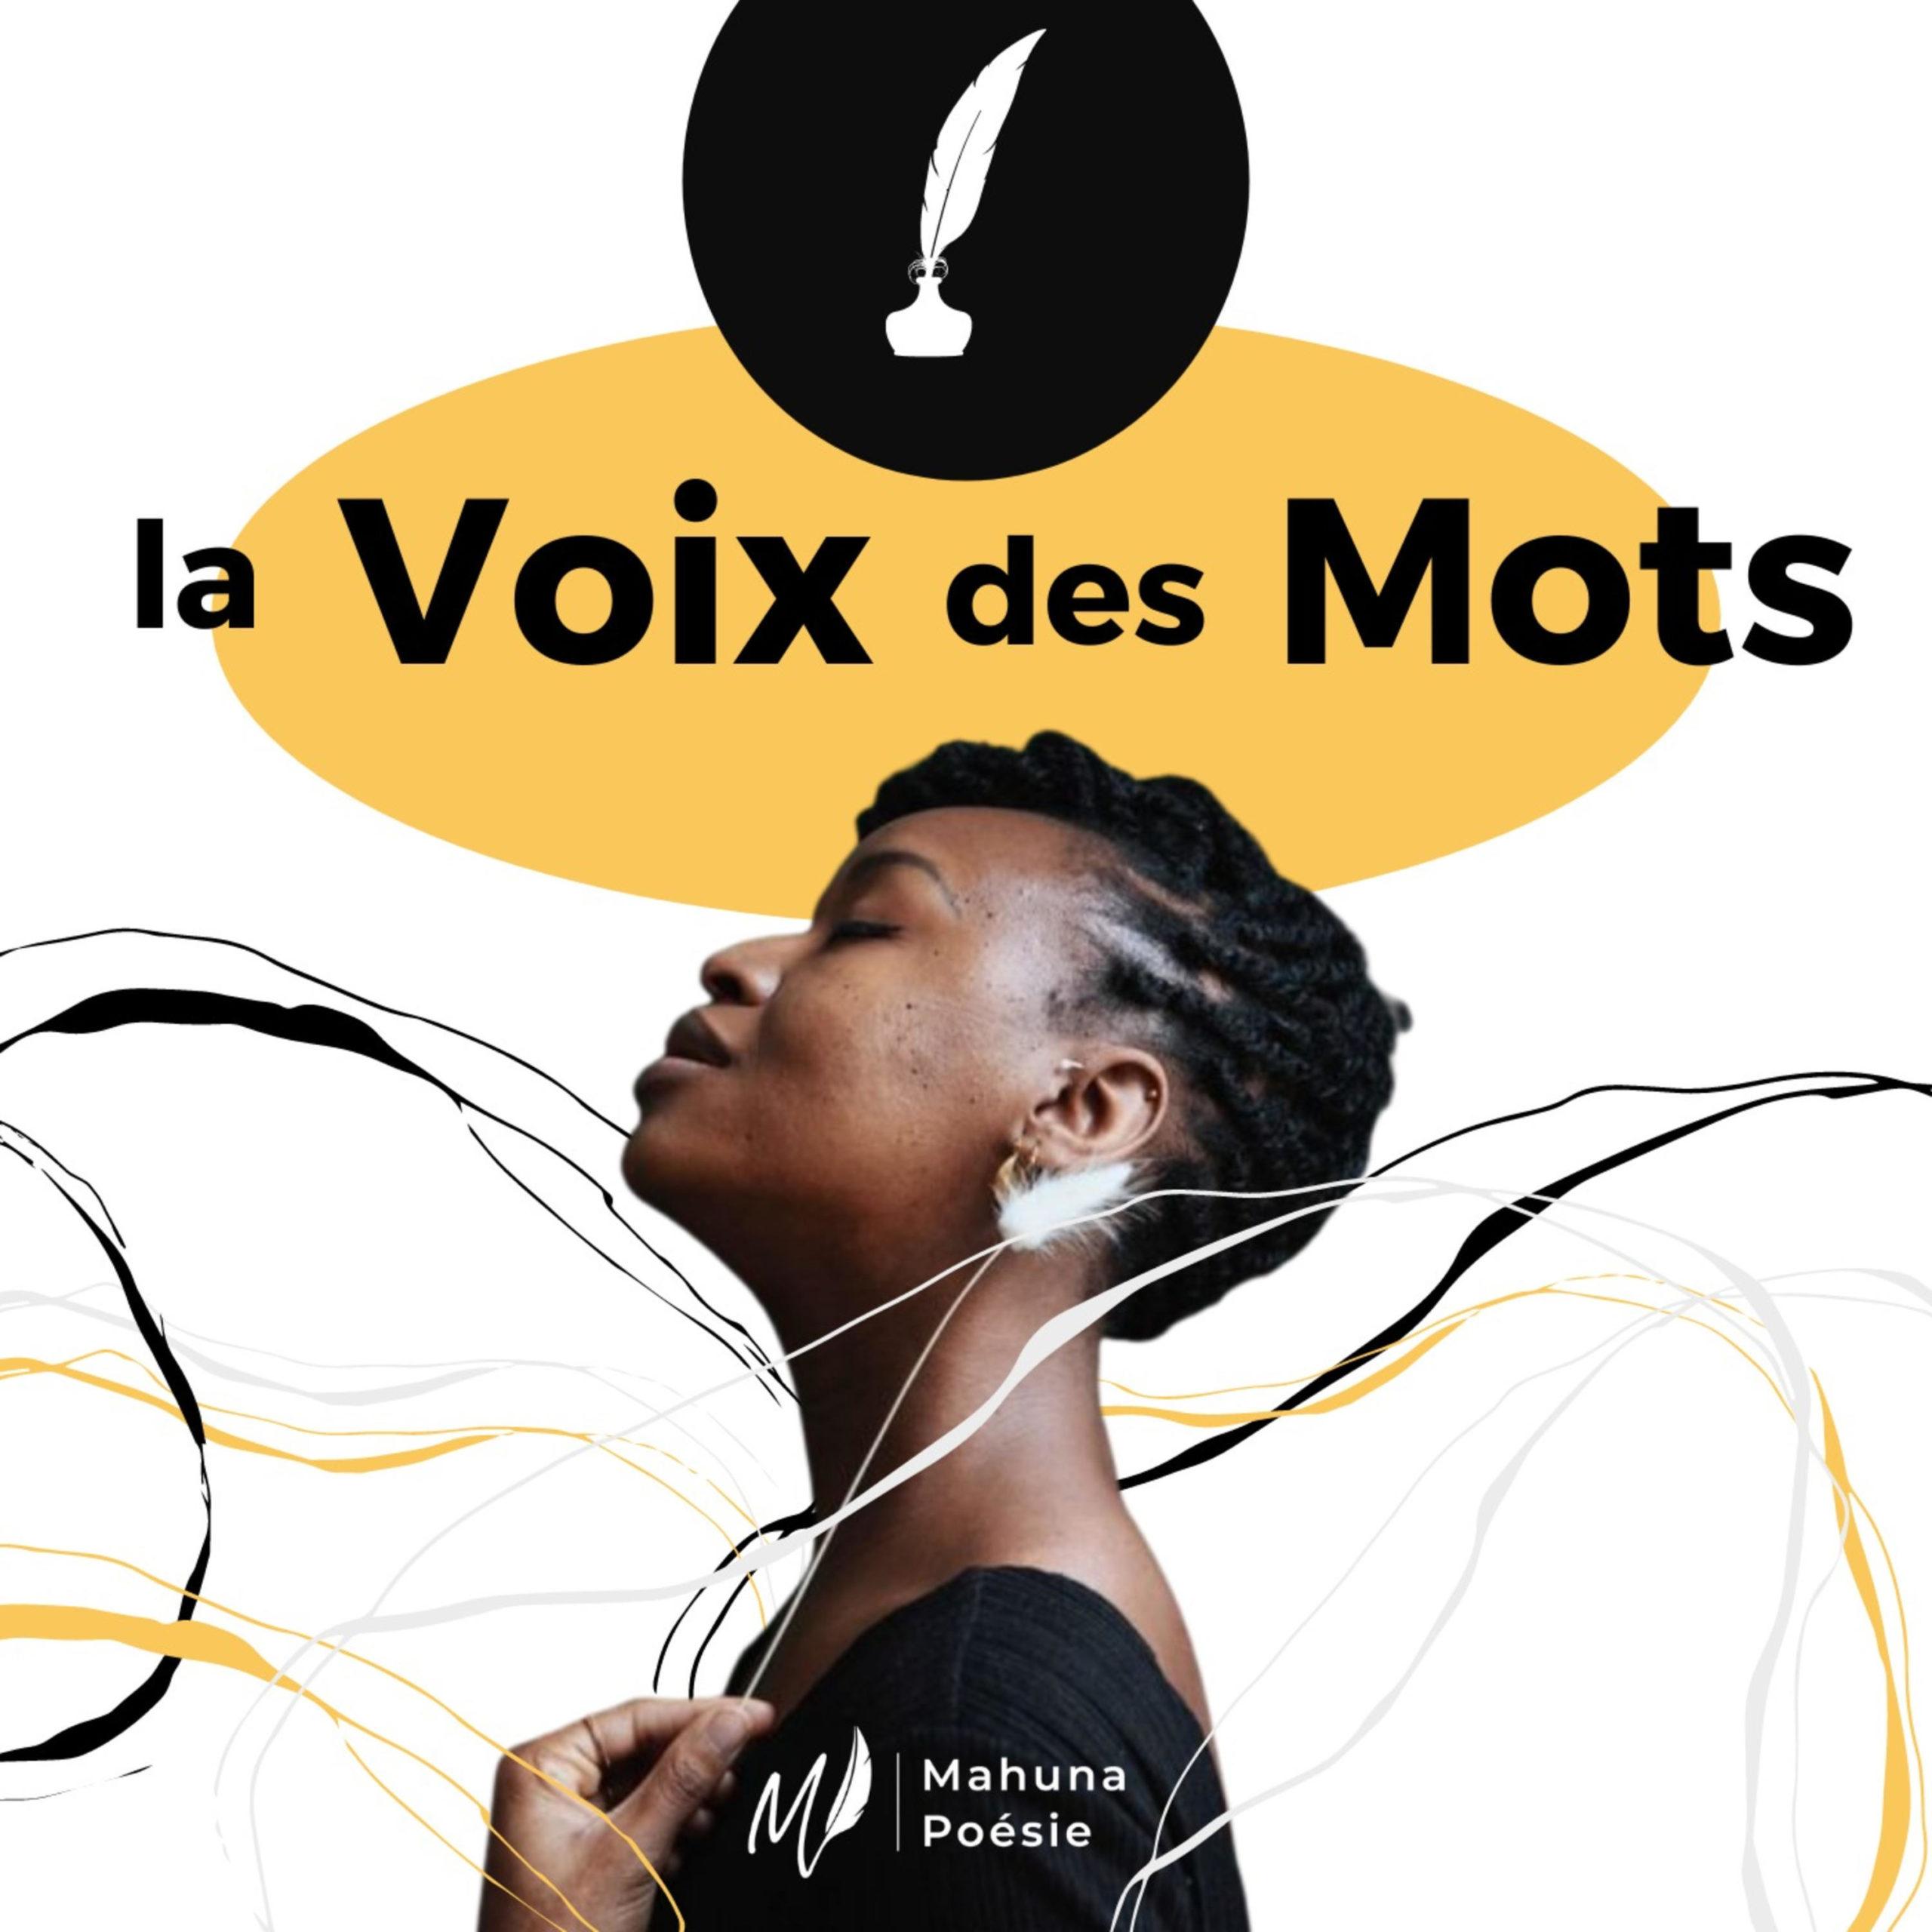 couverture podcast la Voix des Mots Mahuna Poésiecouverture podcast la Voix des Mots Mahuna Poésie